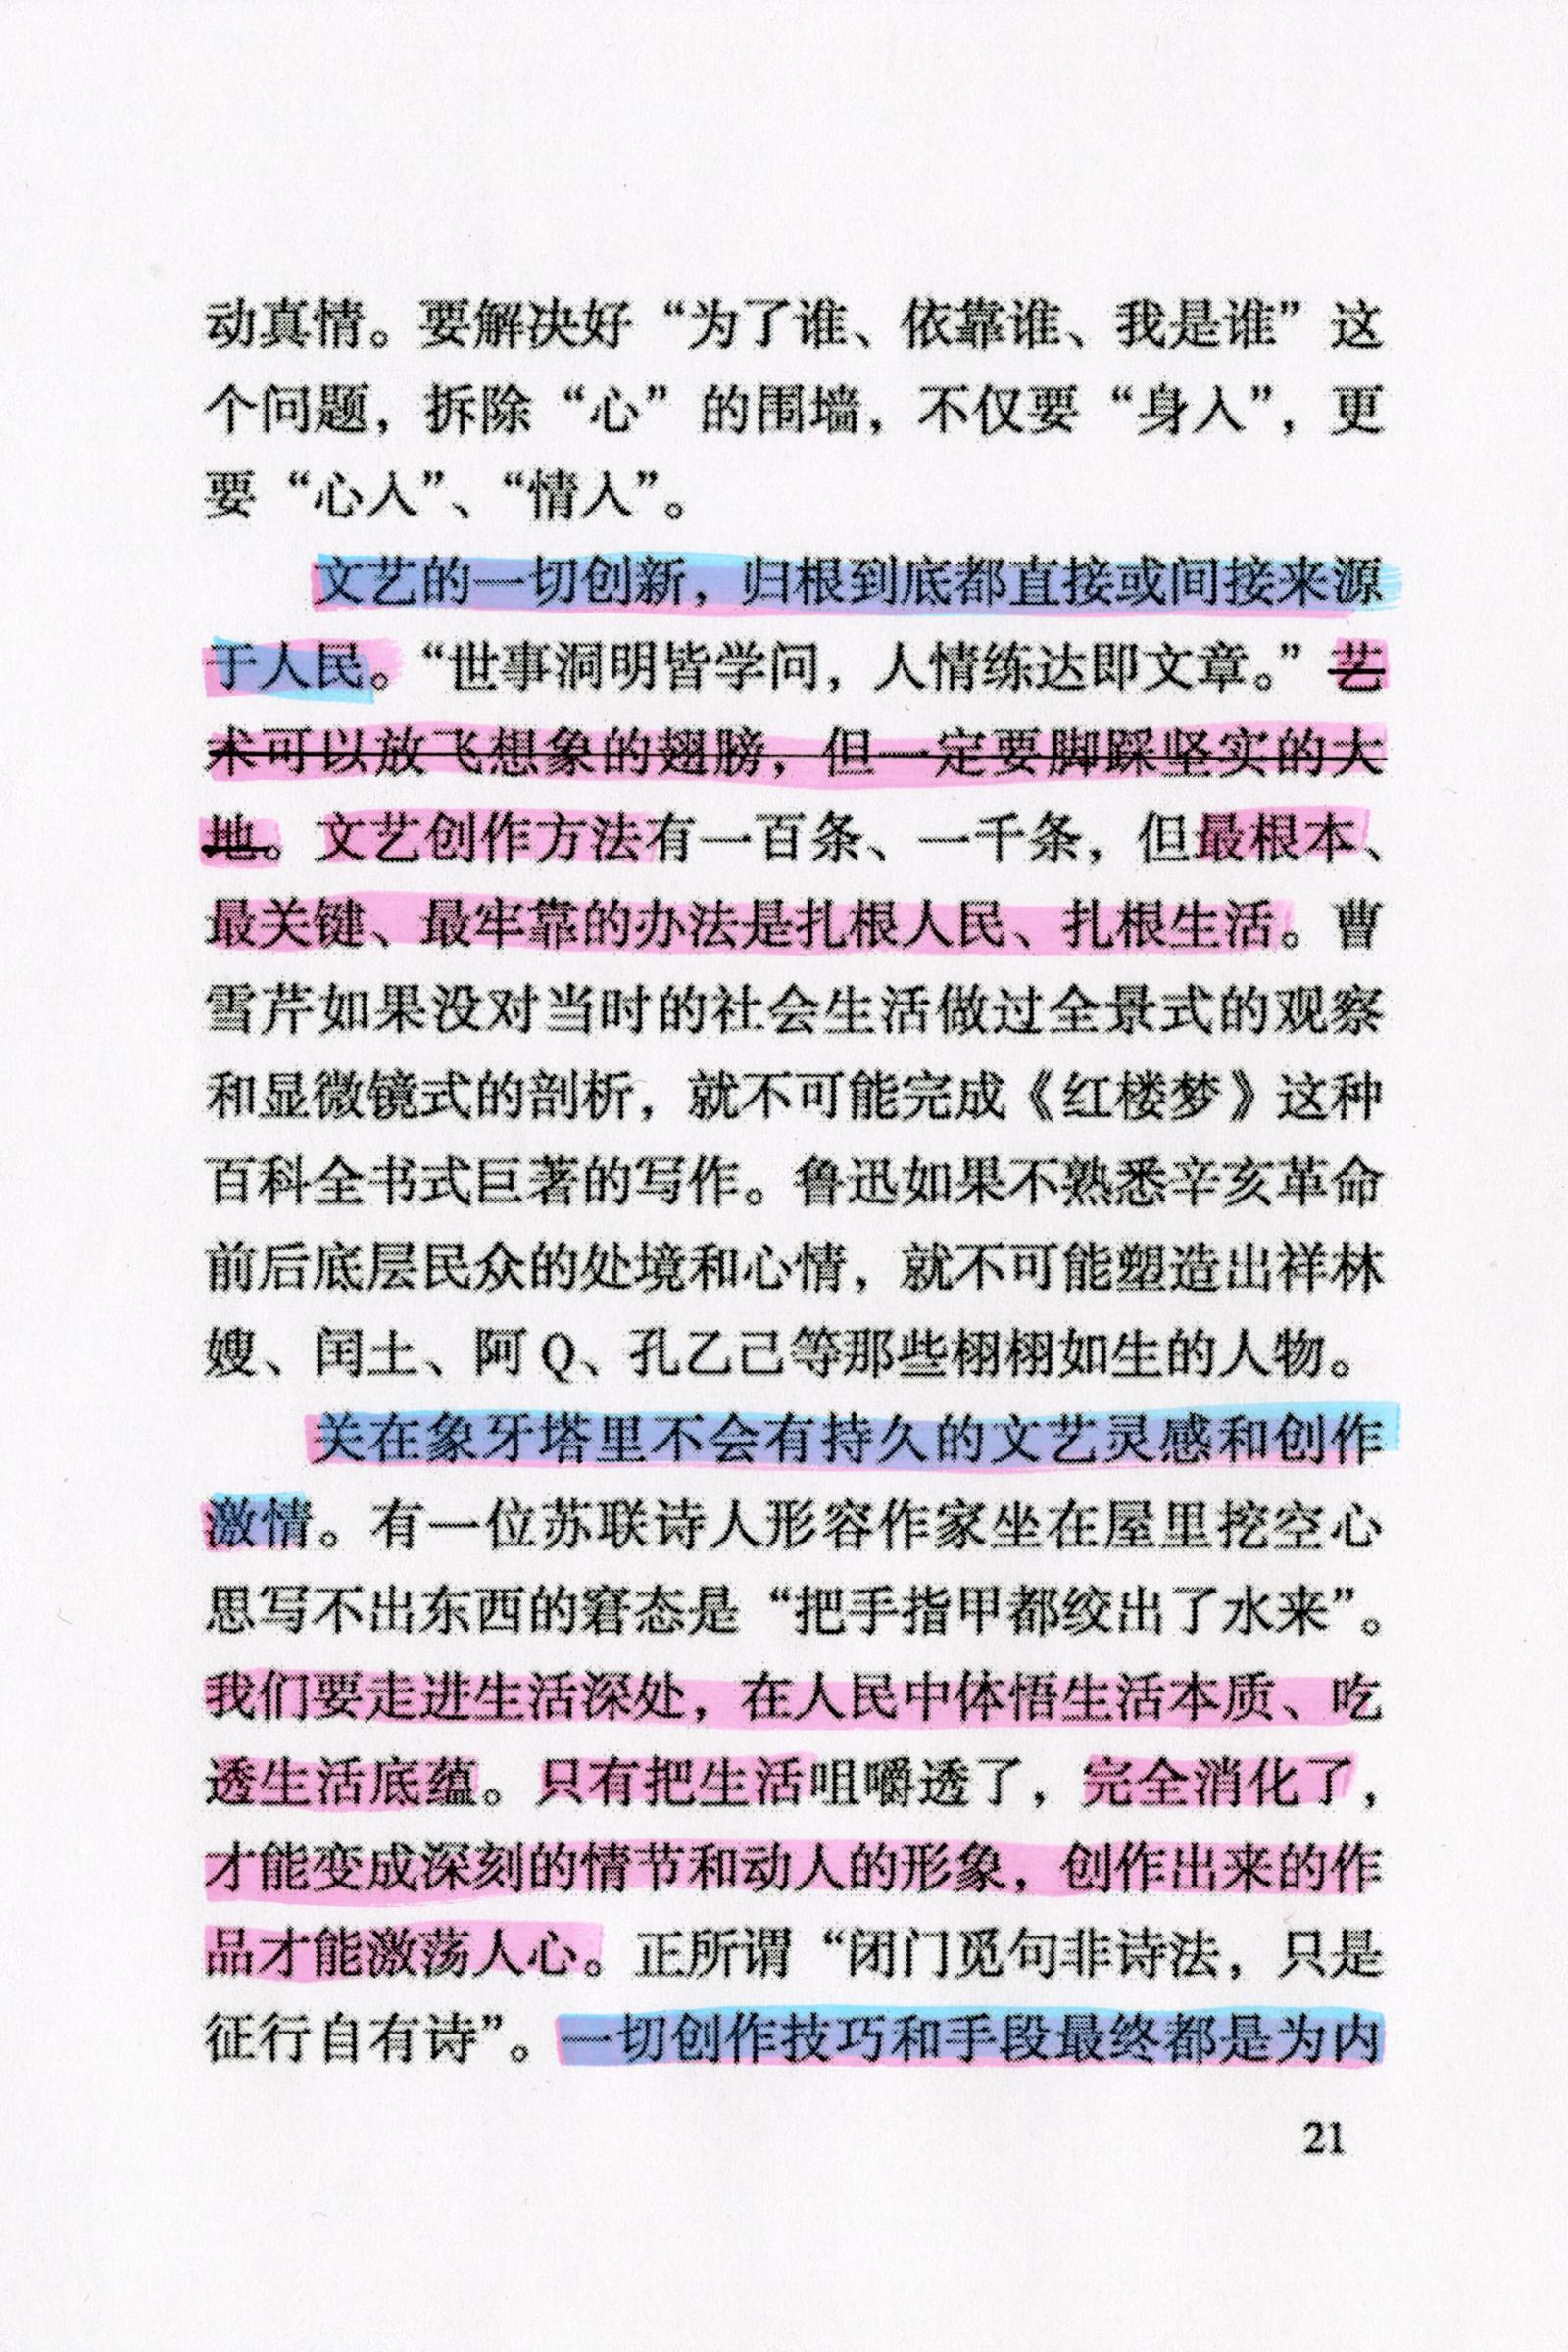 Xi2-3-22.jpg